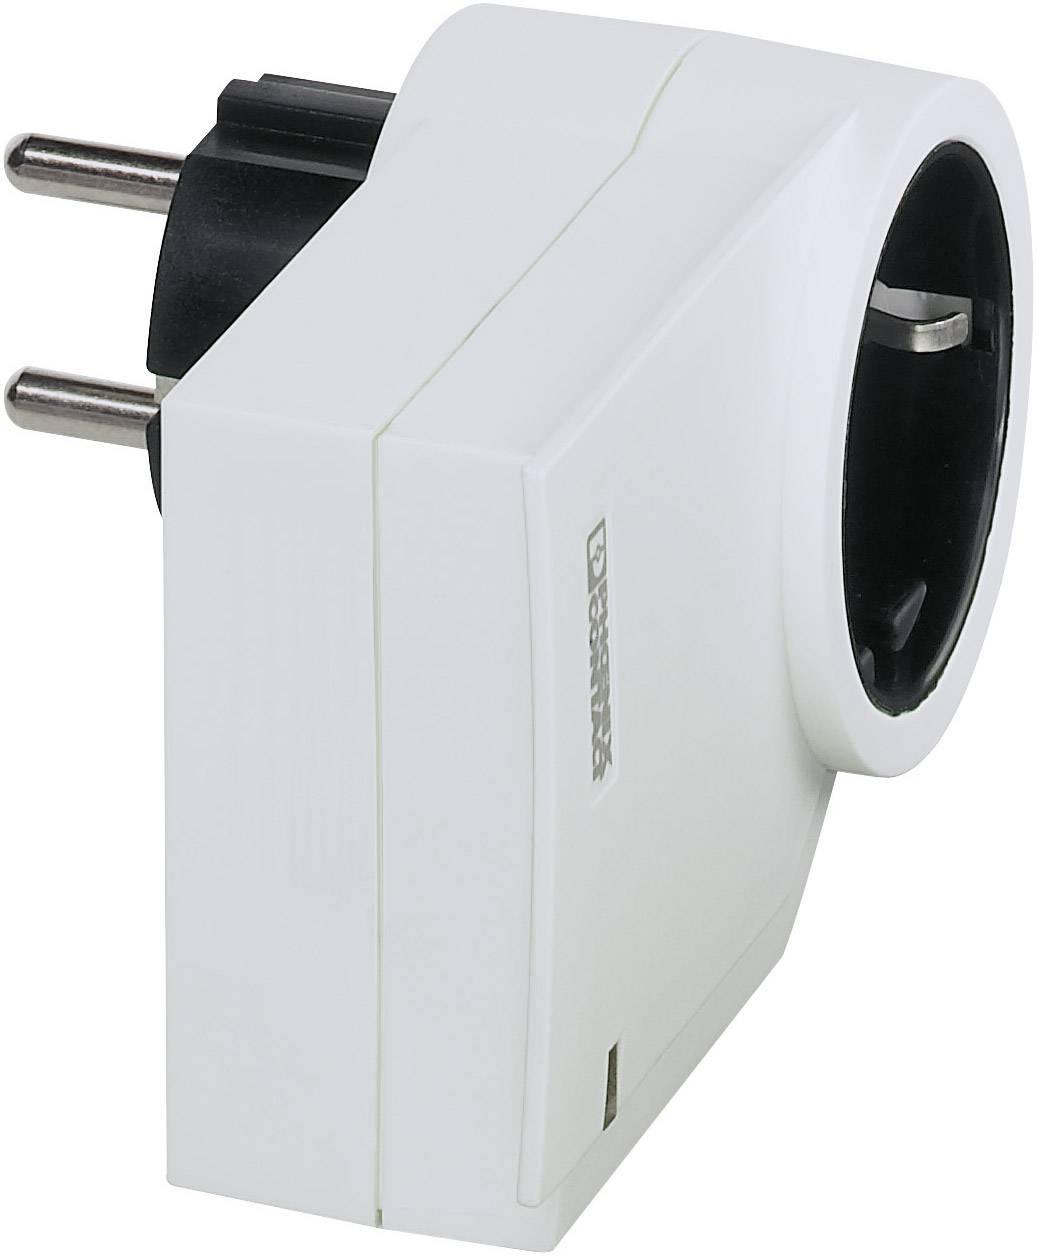 Mezizásuvka s přepěťovou ochranou Phoenix Contact MNT-1D/WH 2882213, bílá